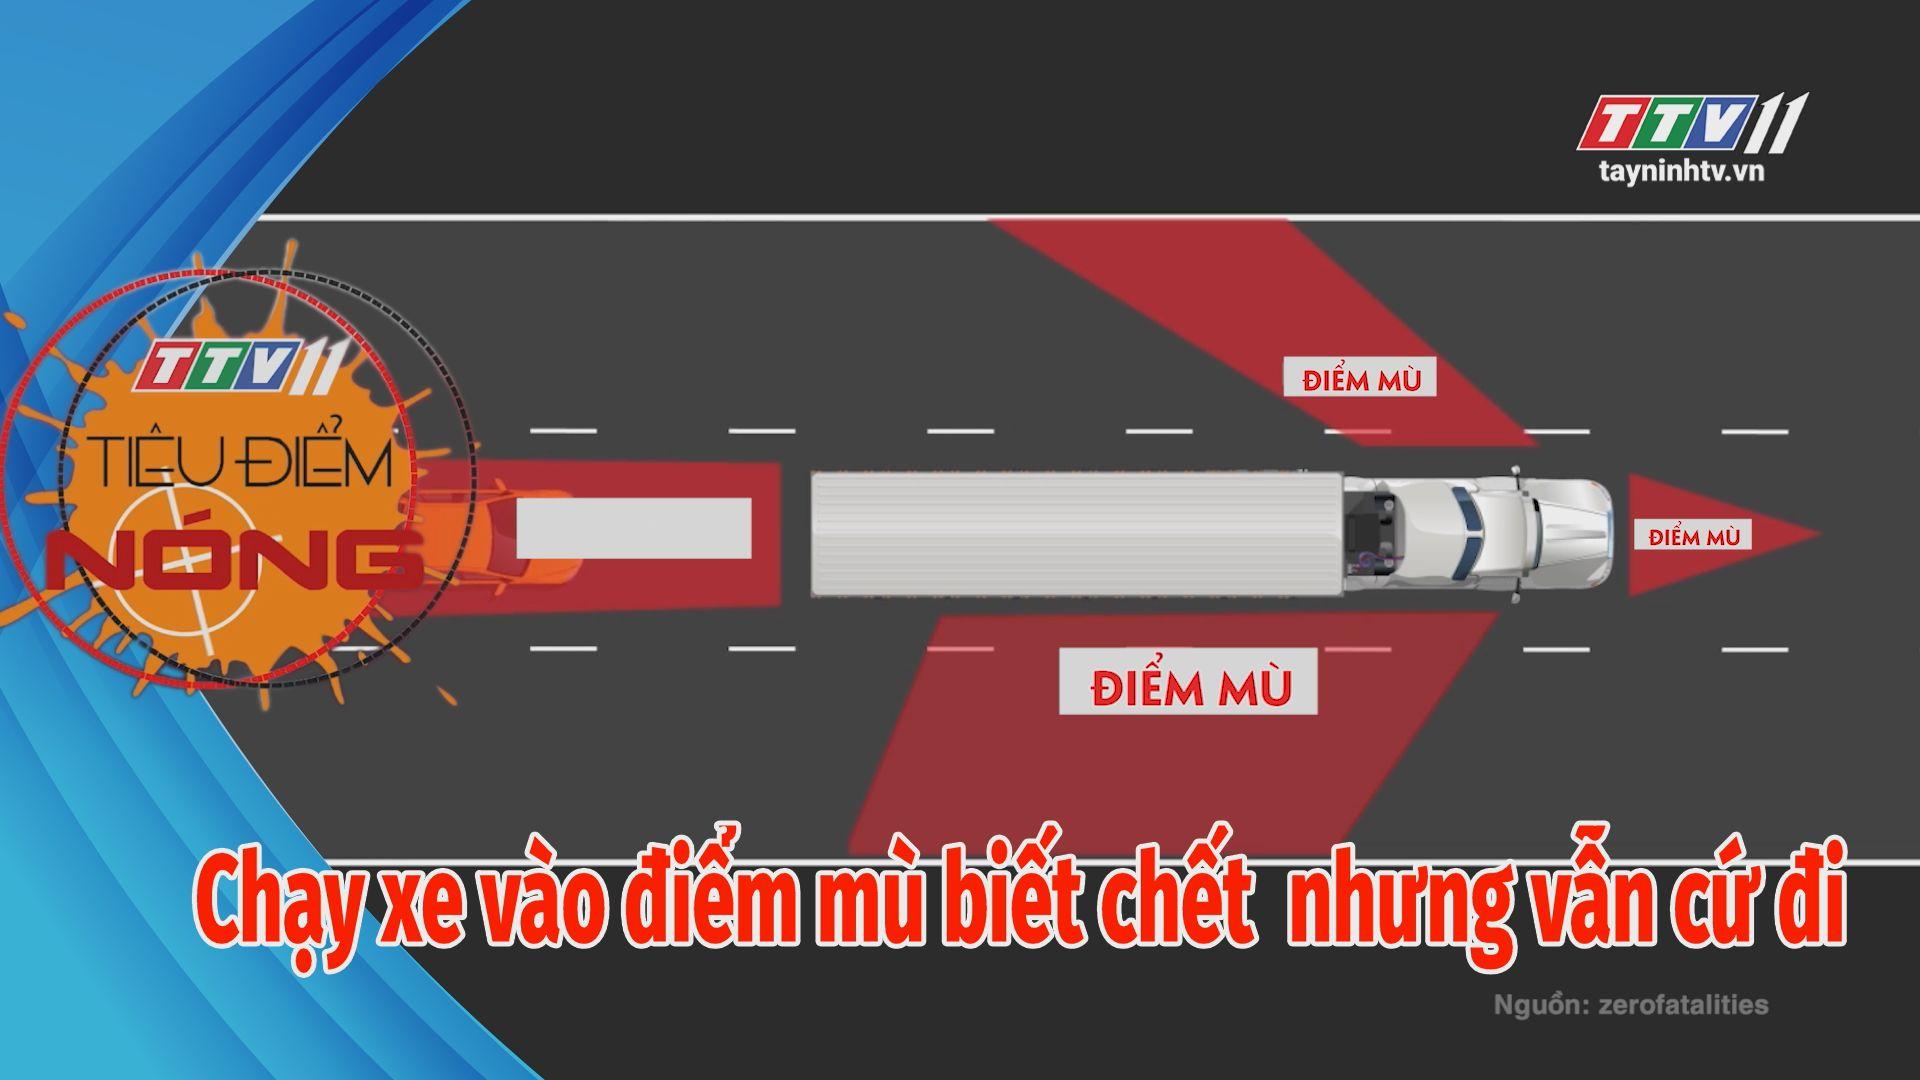 Chạy xe vào điểm mù biết chết nhưng vẫn cứ đi vào | Tiêu Điểm Nóng | Tây Ninh TV